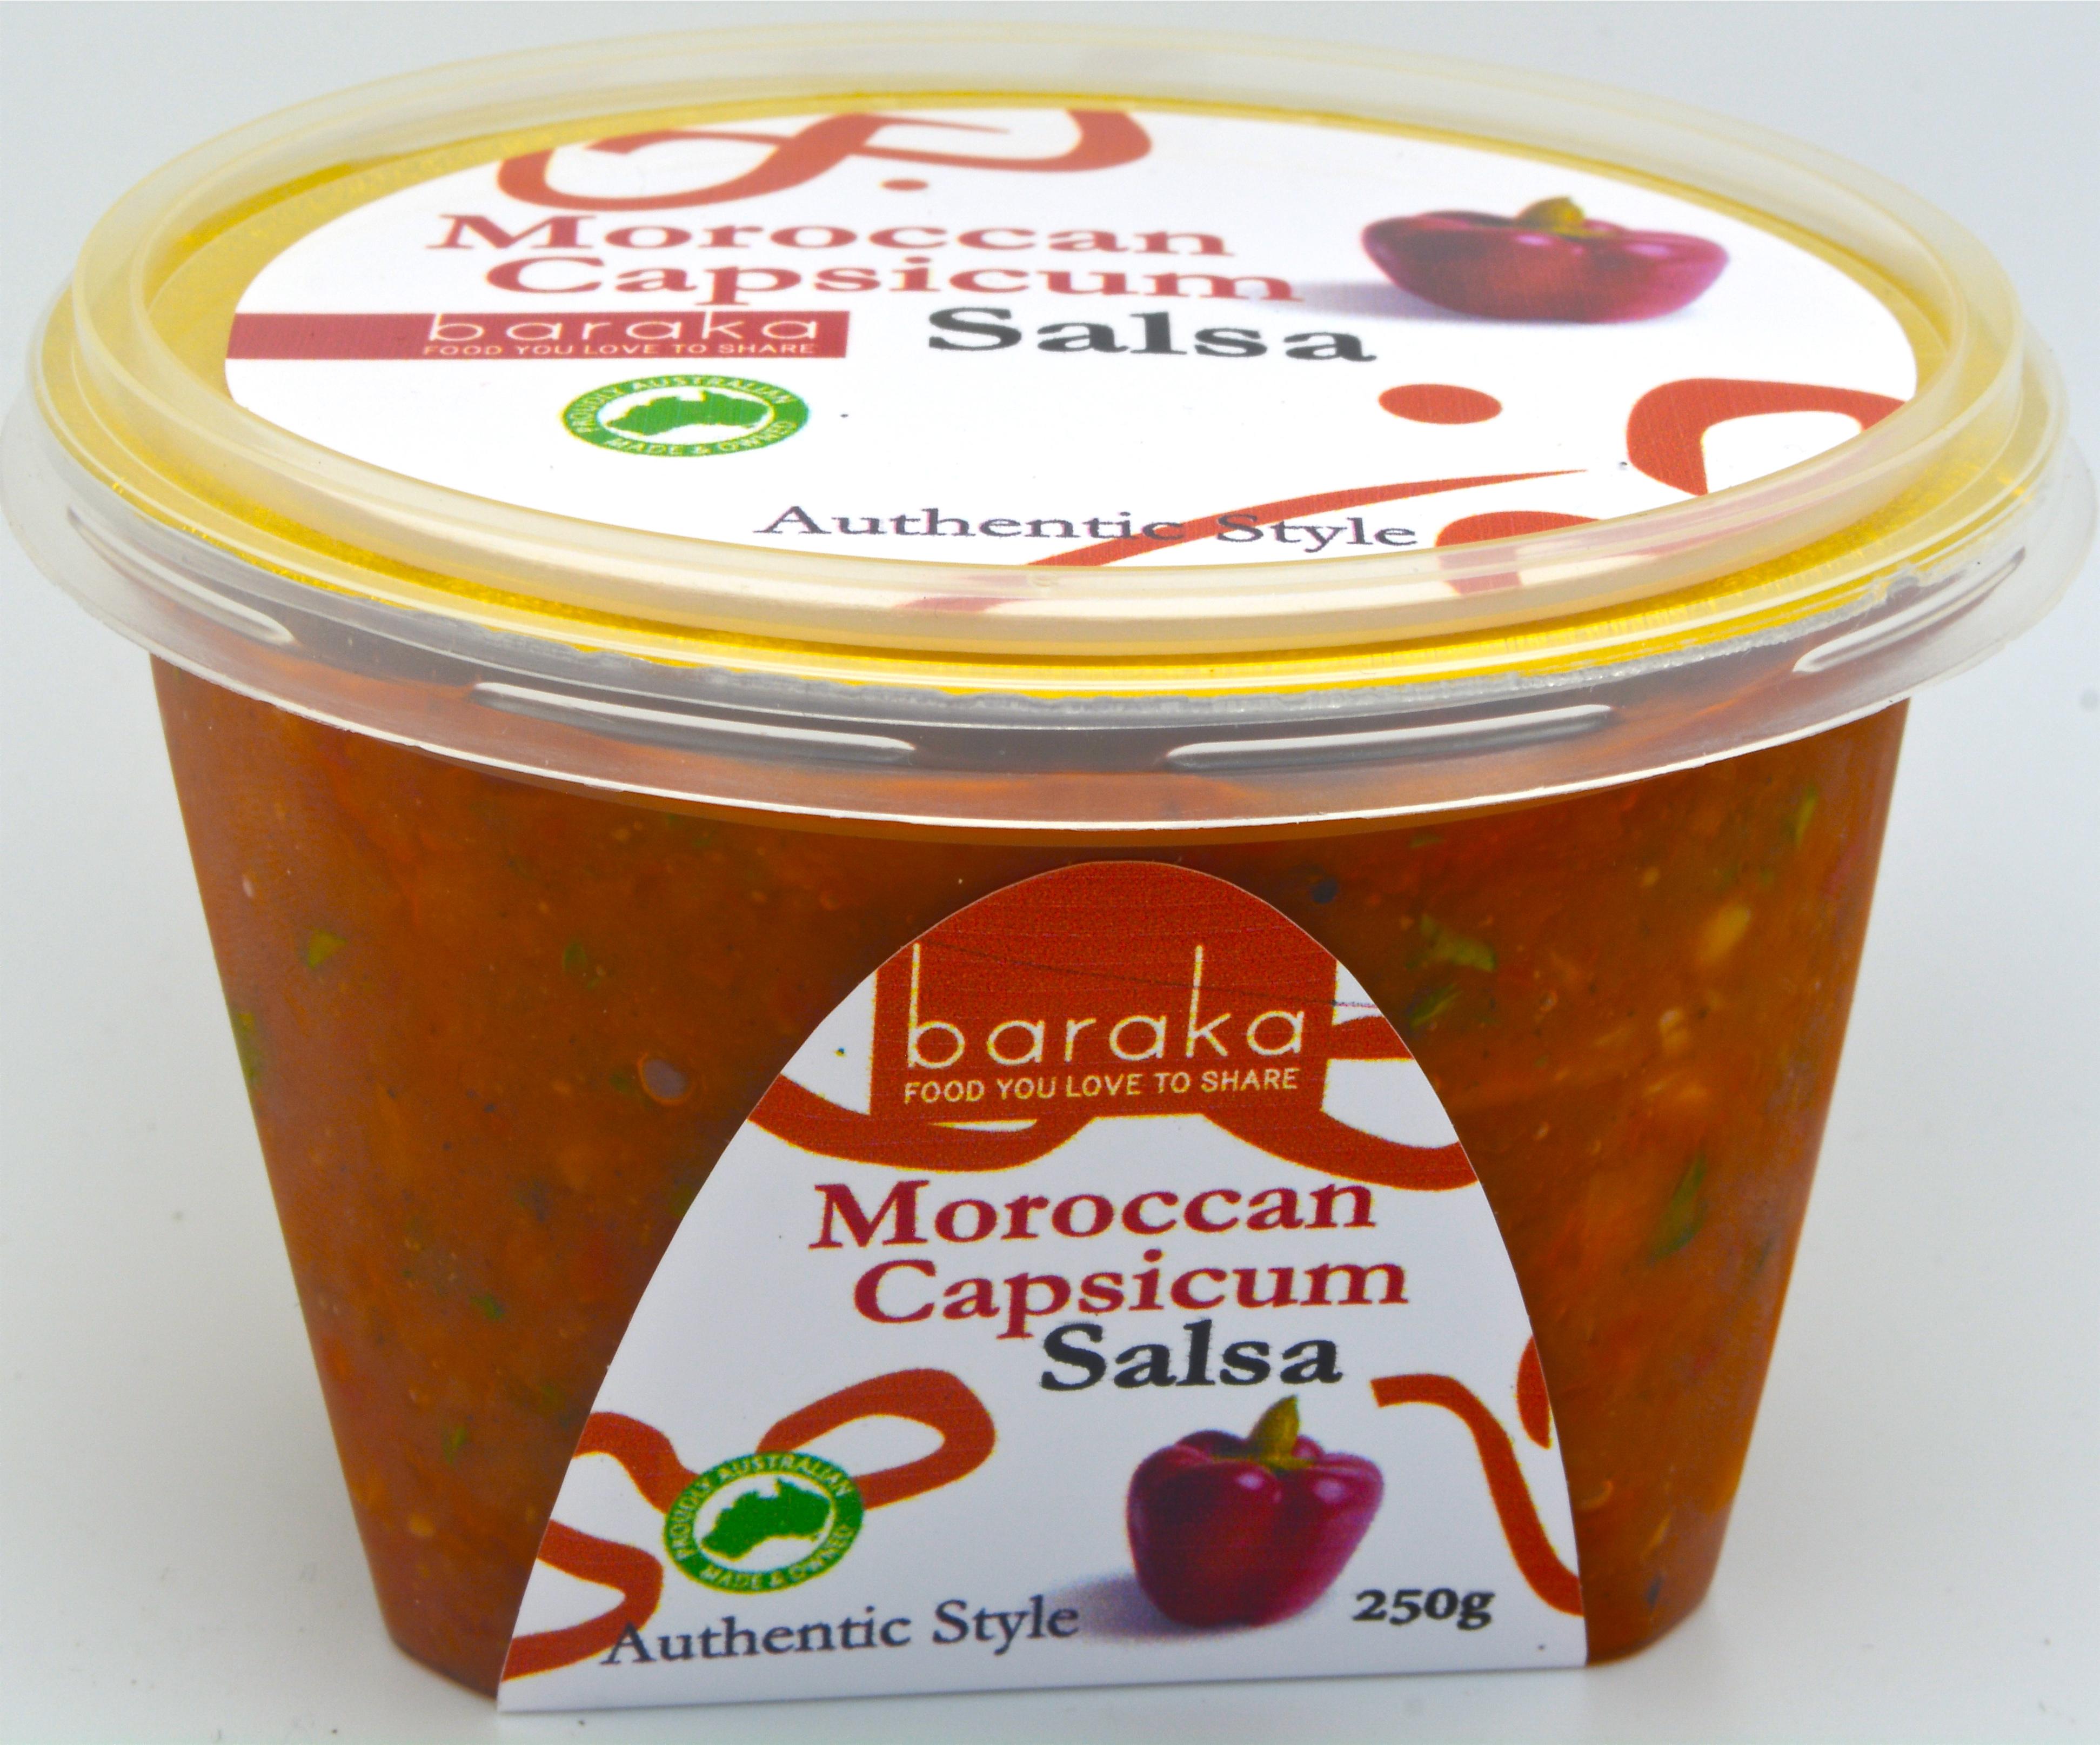 Moroccan Capsicum Salsa